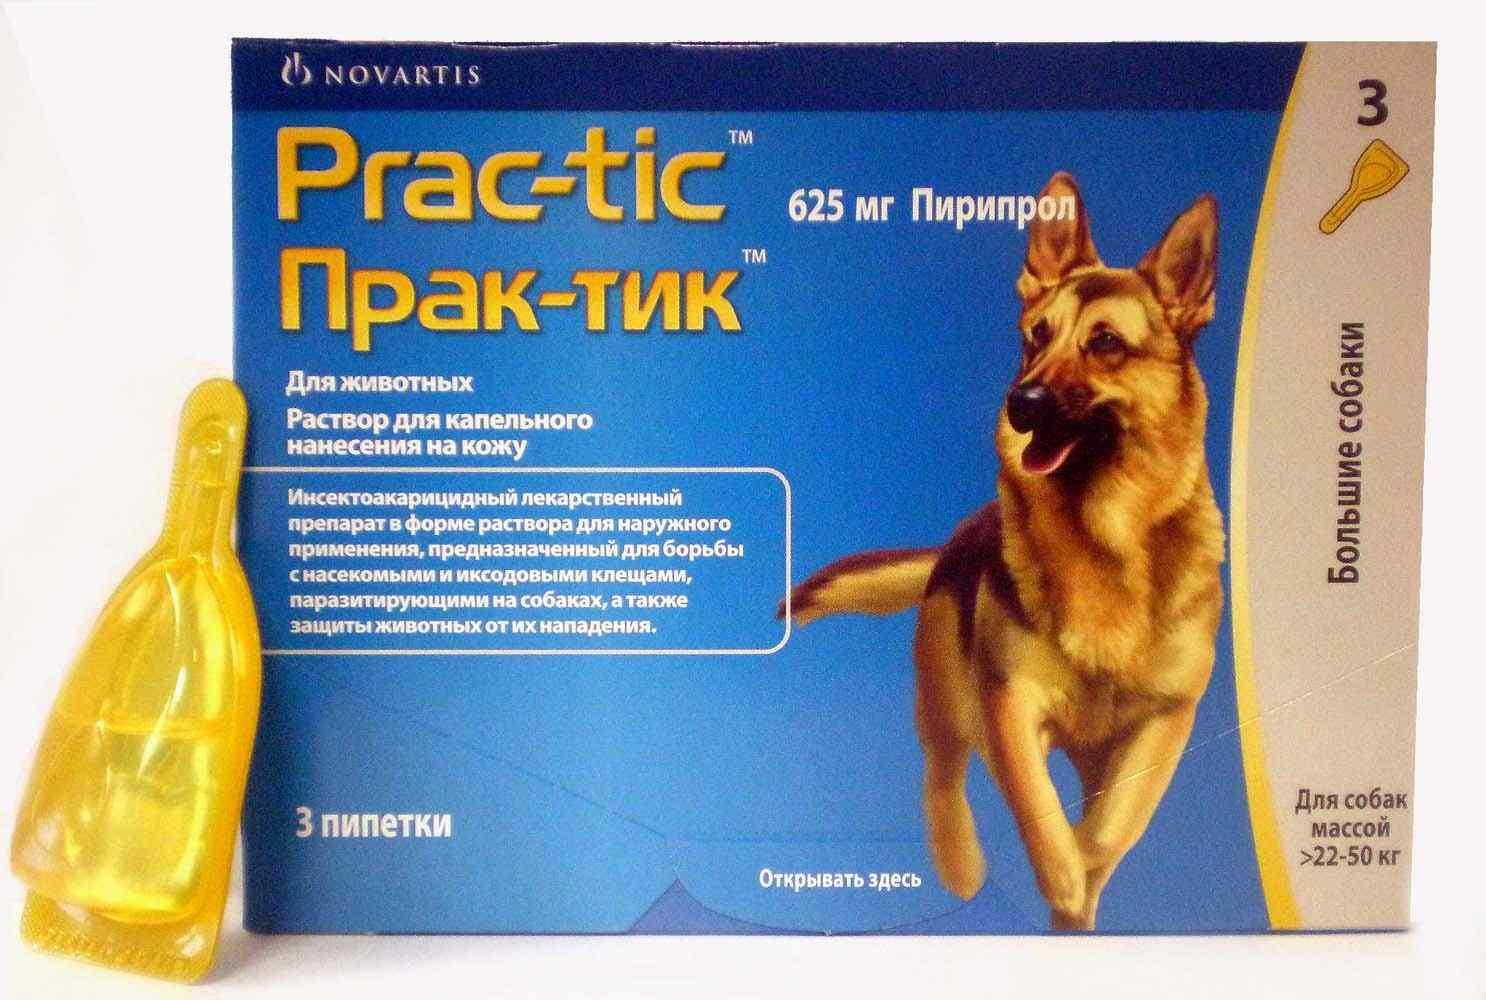 Elanco Prac-tic капли от клещей для взрослых собак крупных пород (3 пипетки) капли от клещей для собак какие лучше отзывы